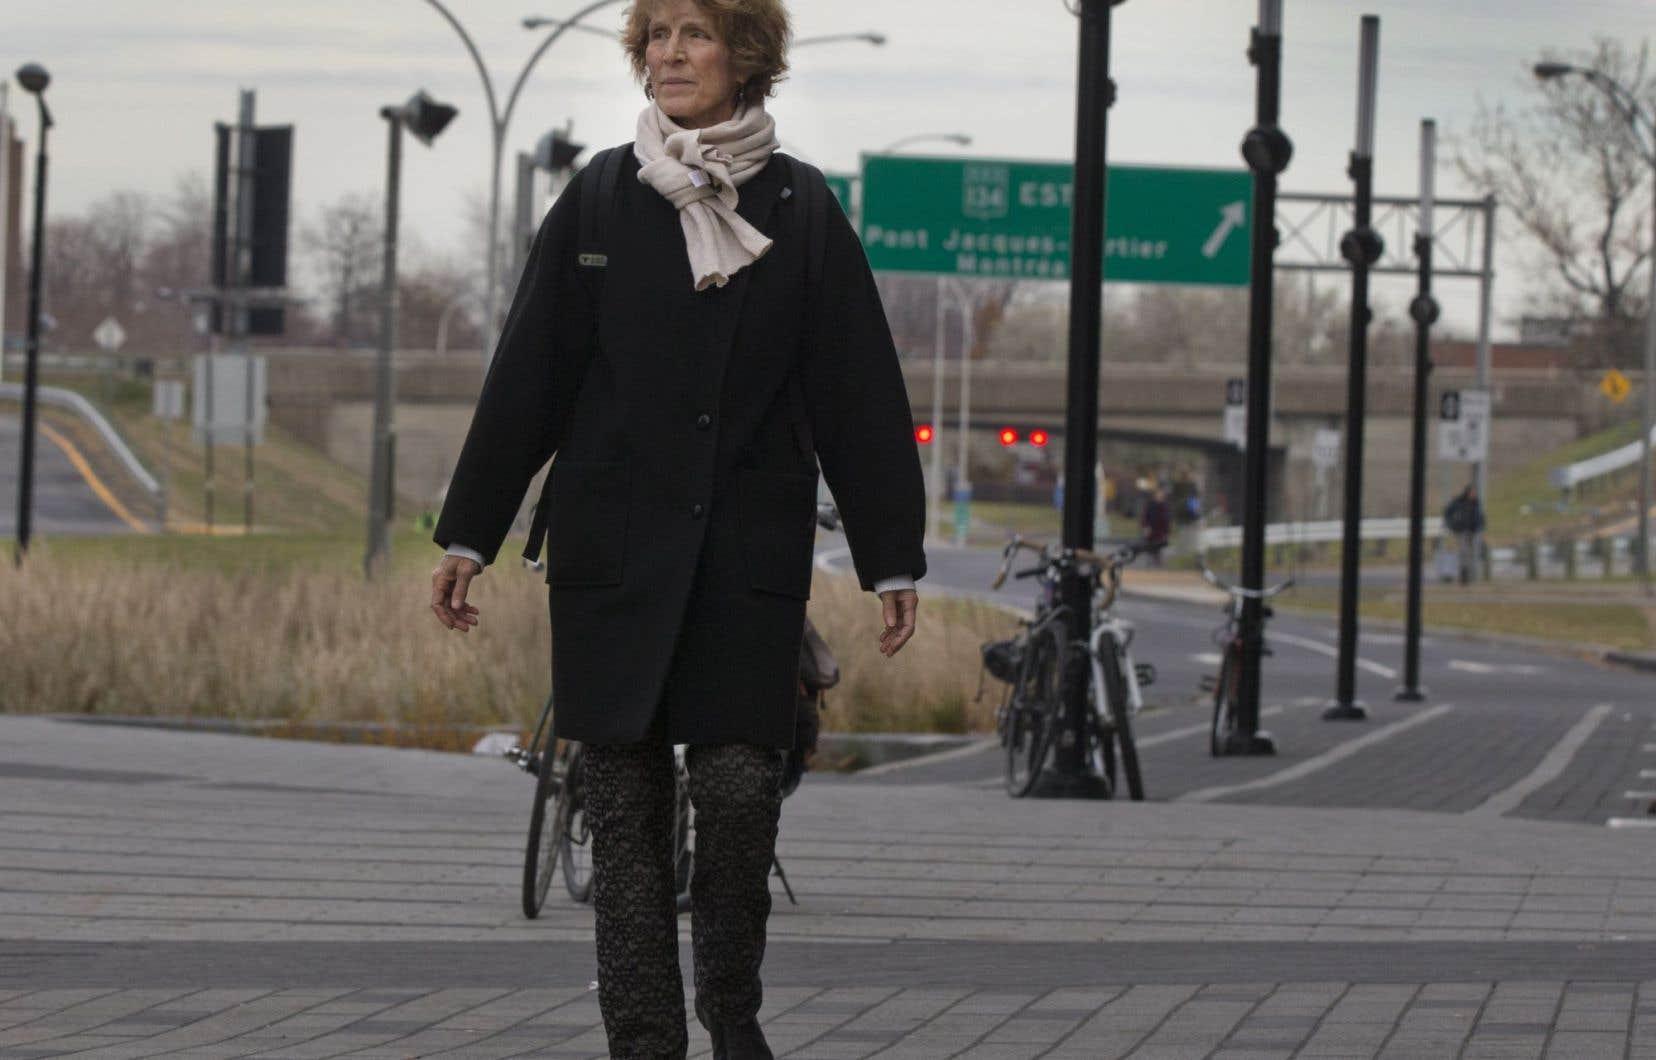 Marthe Savoie marche presque tous les jours. Pour le plaisir, mais aussi pour faire ses courses ou pour se rendre jusqu'au métro, qui se trouve à une vingtaine de minutes tout au plus de chez elle.